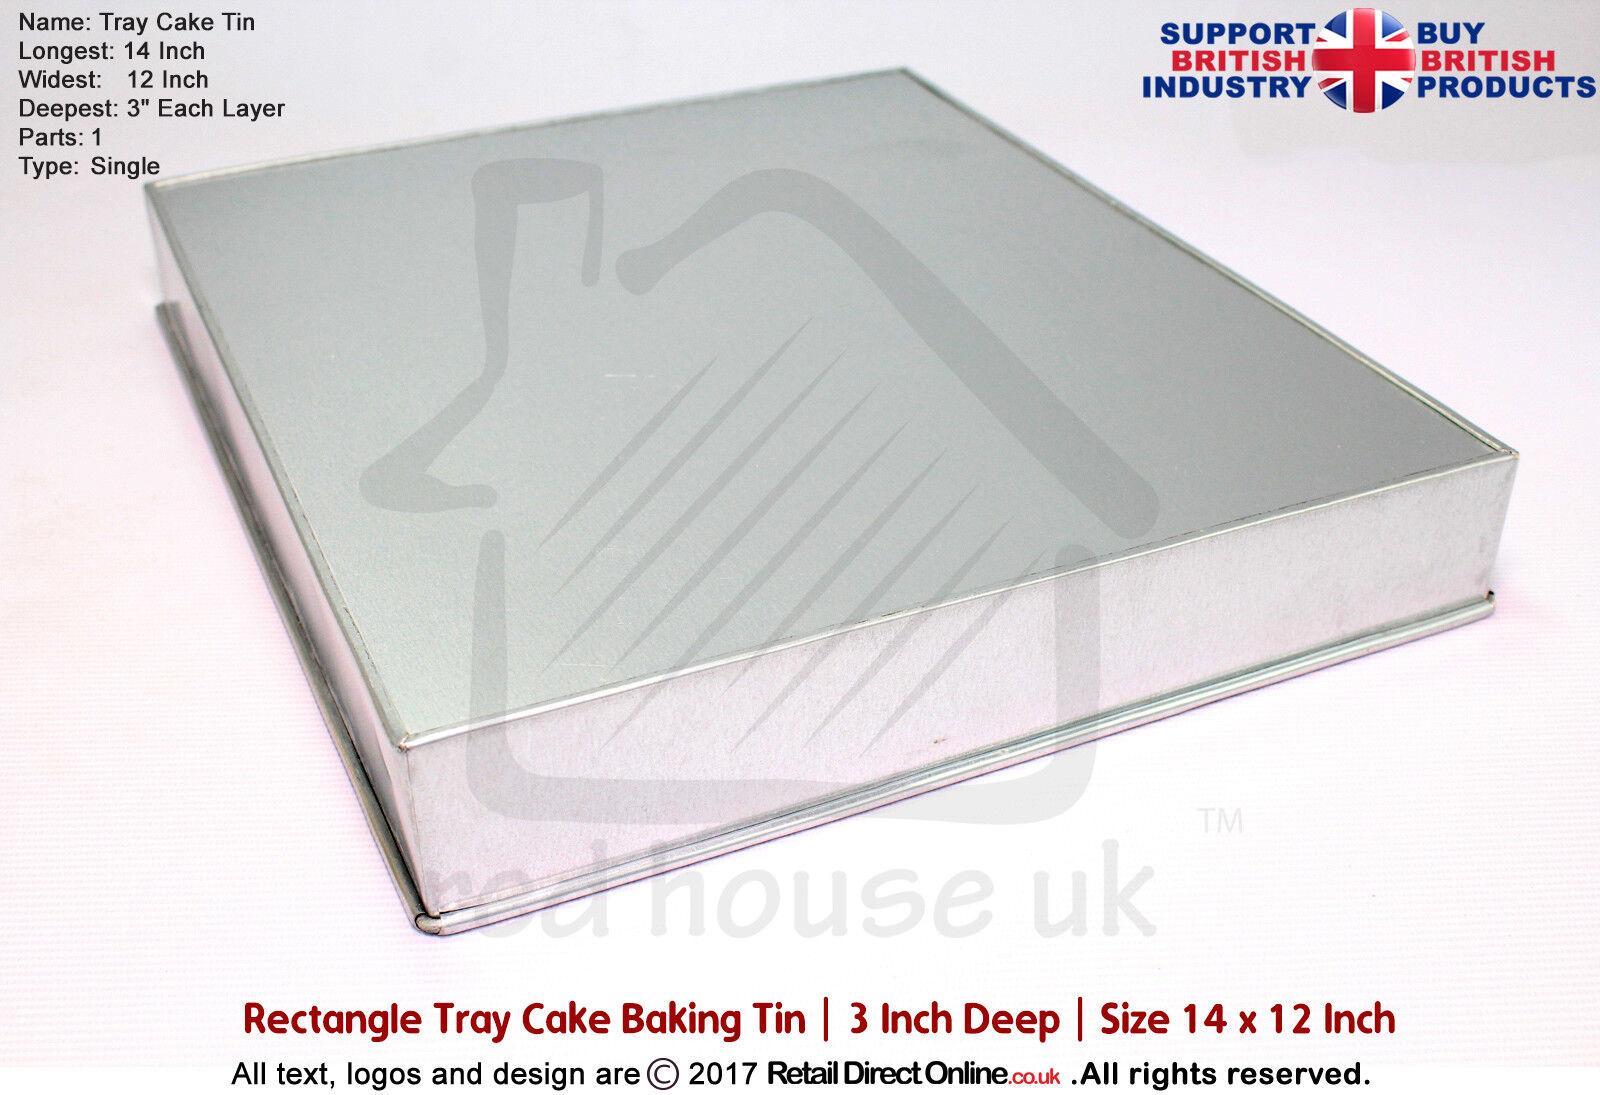 Rectangle Oblong Cake Baking Tin Pan plateau   14  x 12  x 3  Deep